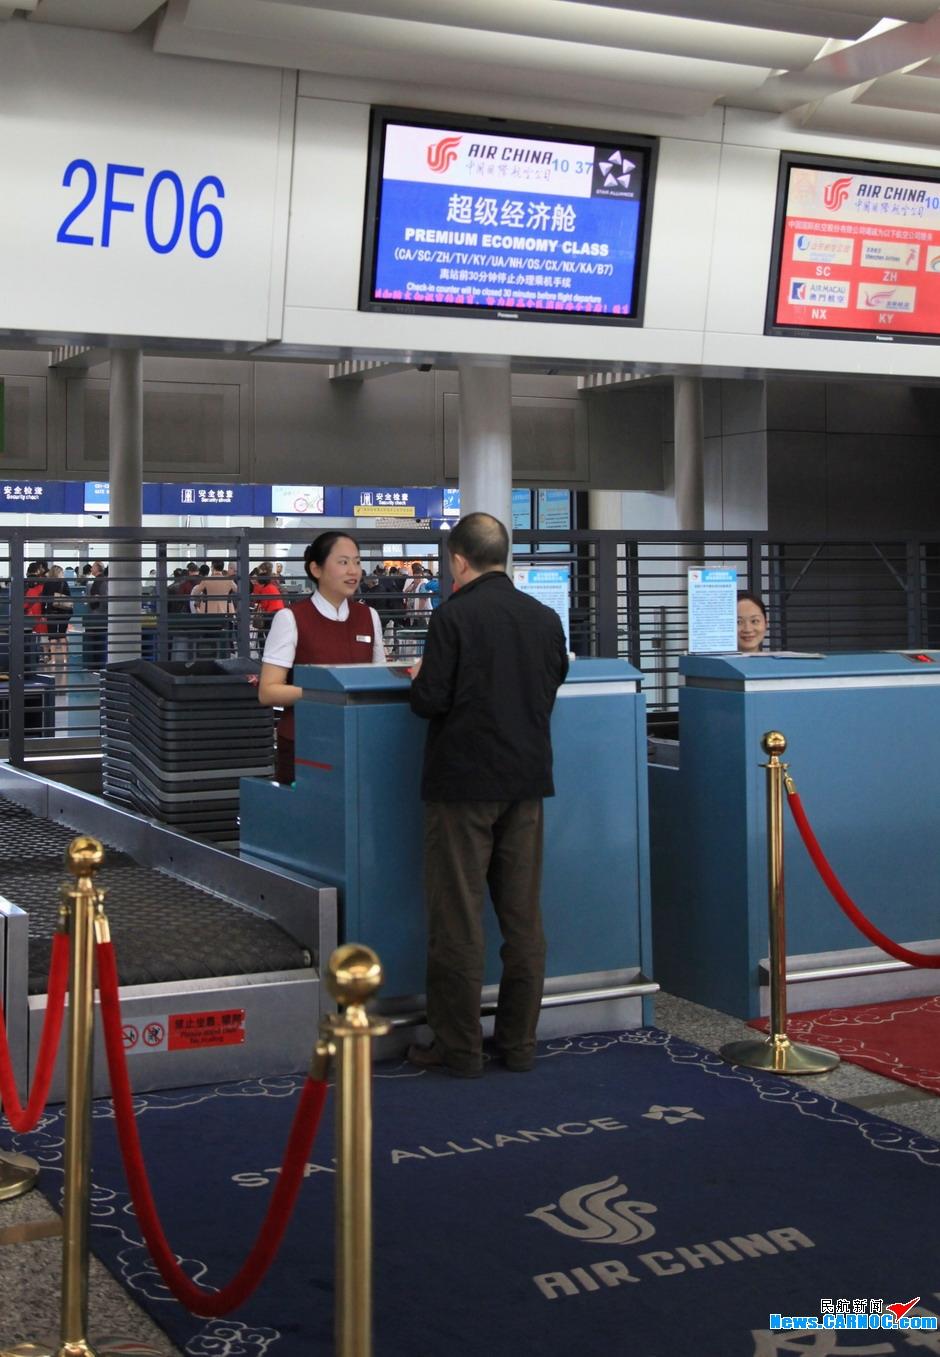 国航网上值机办理_10月29日,乘坐ca1432的旅客正在国航值机柜台办理其超级经济舱的登机